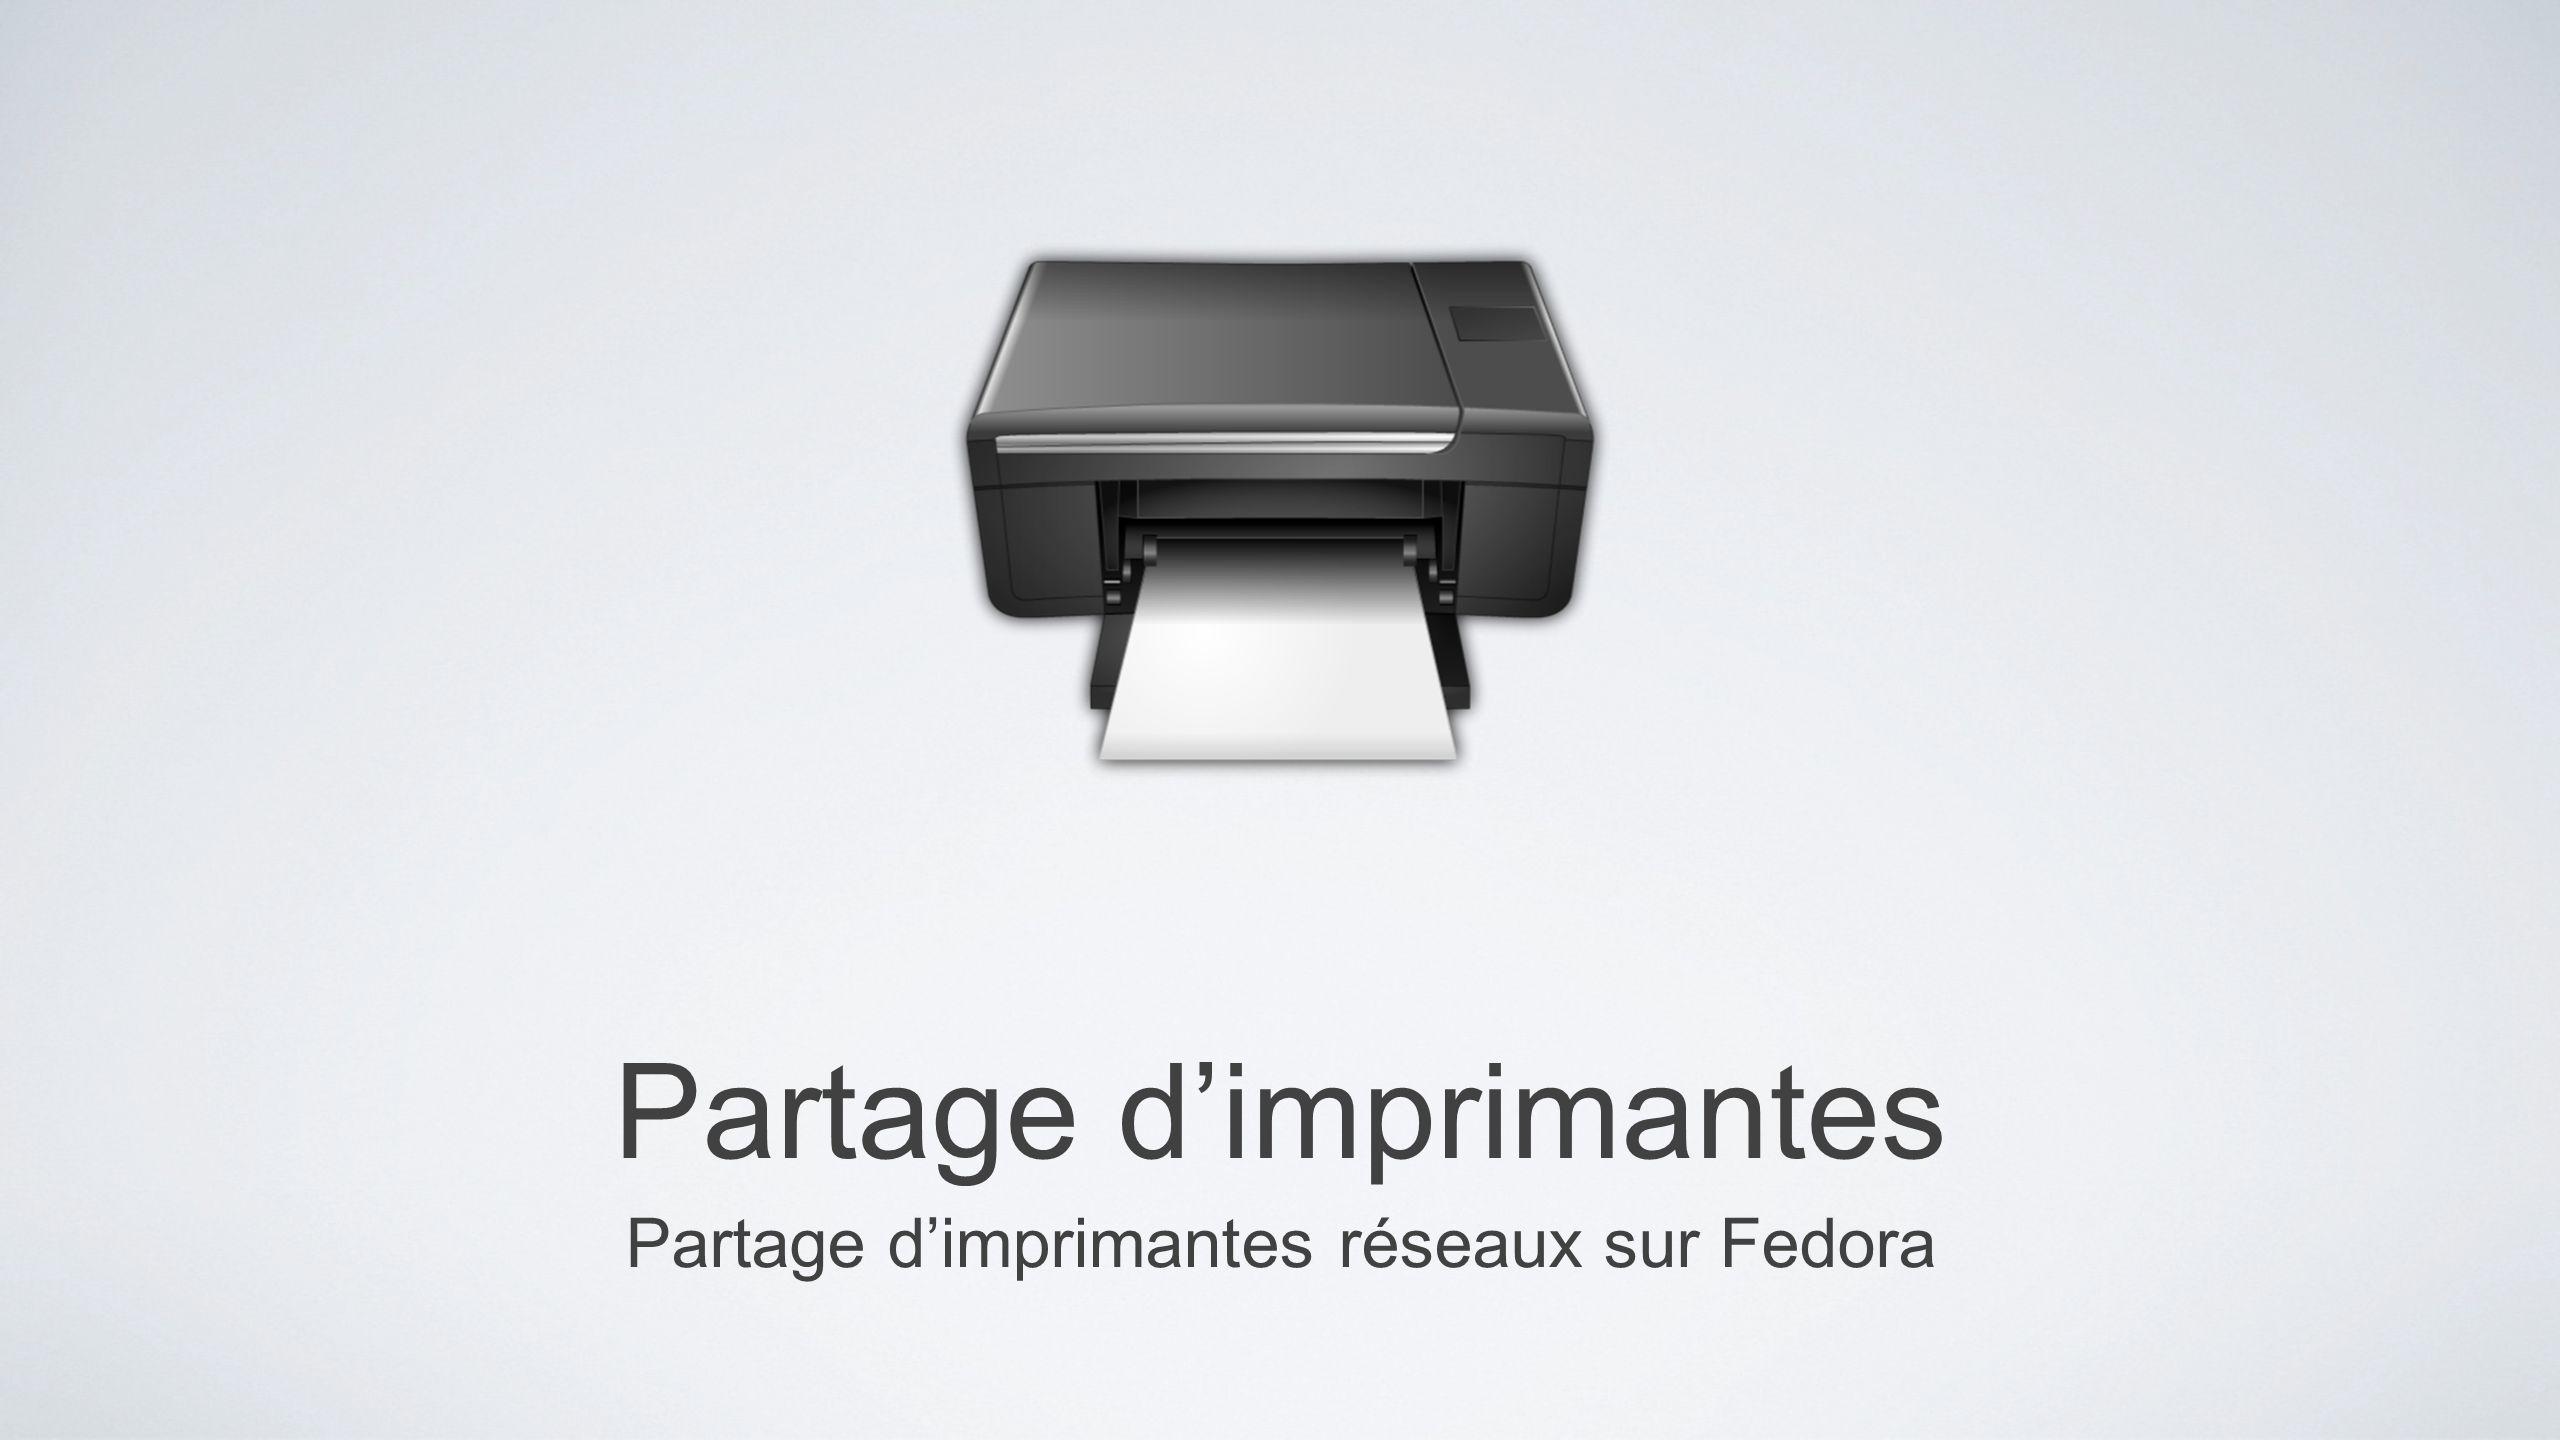 Partage d'imprimantes